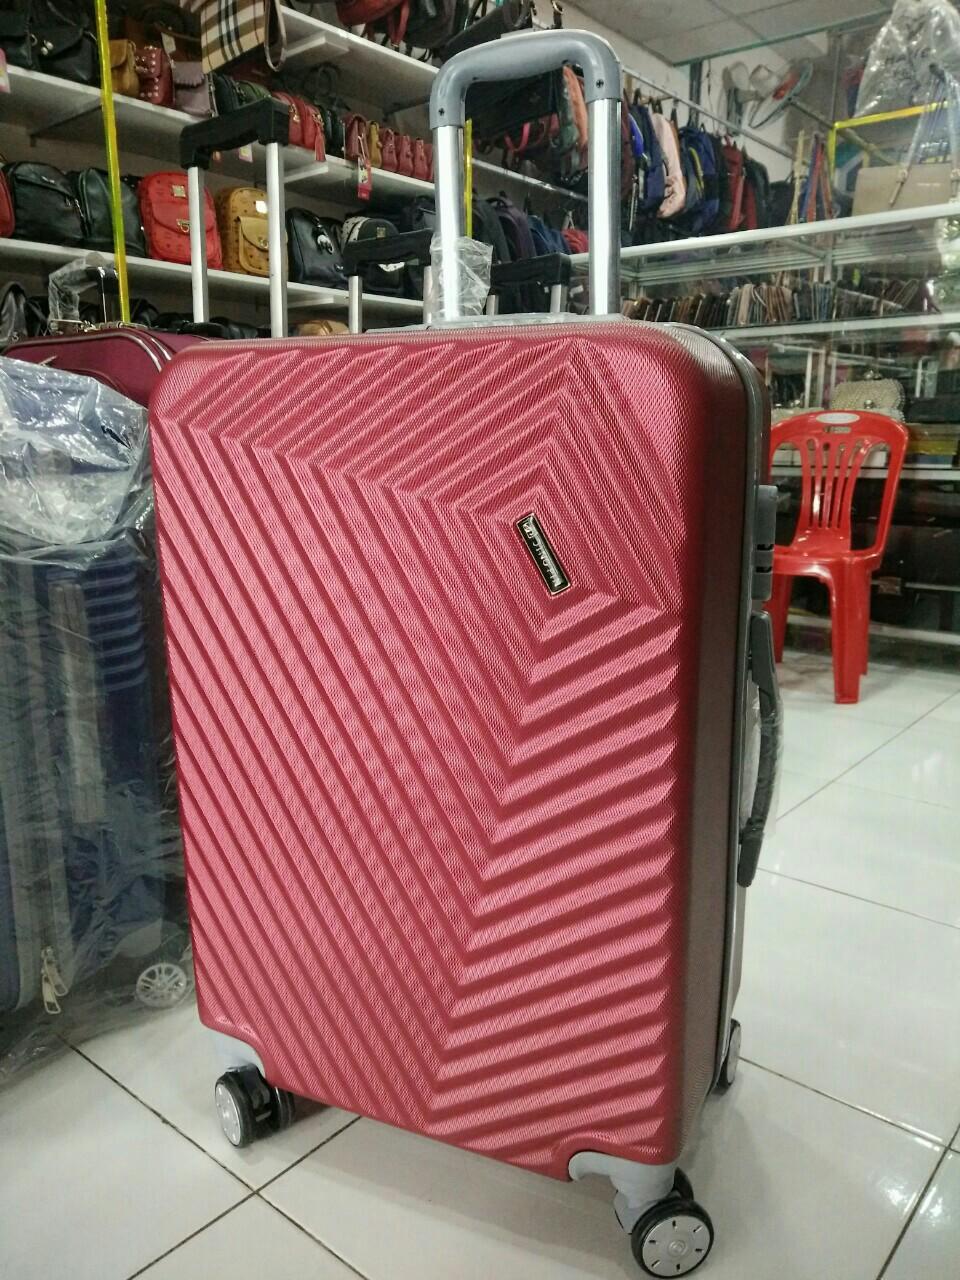 Tìm nhà phân phối vali Phân loại nhiều mặt hàng giá 20k – 50k – 100k – 200k -300k cho các mặt hàng vali – balo- túi xách các loại